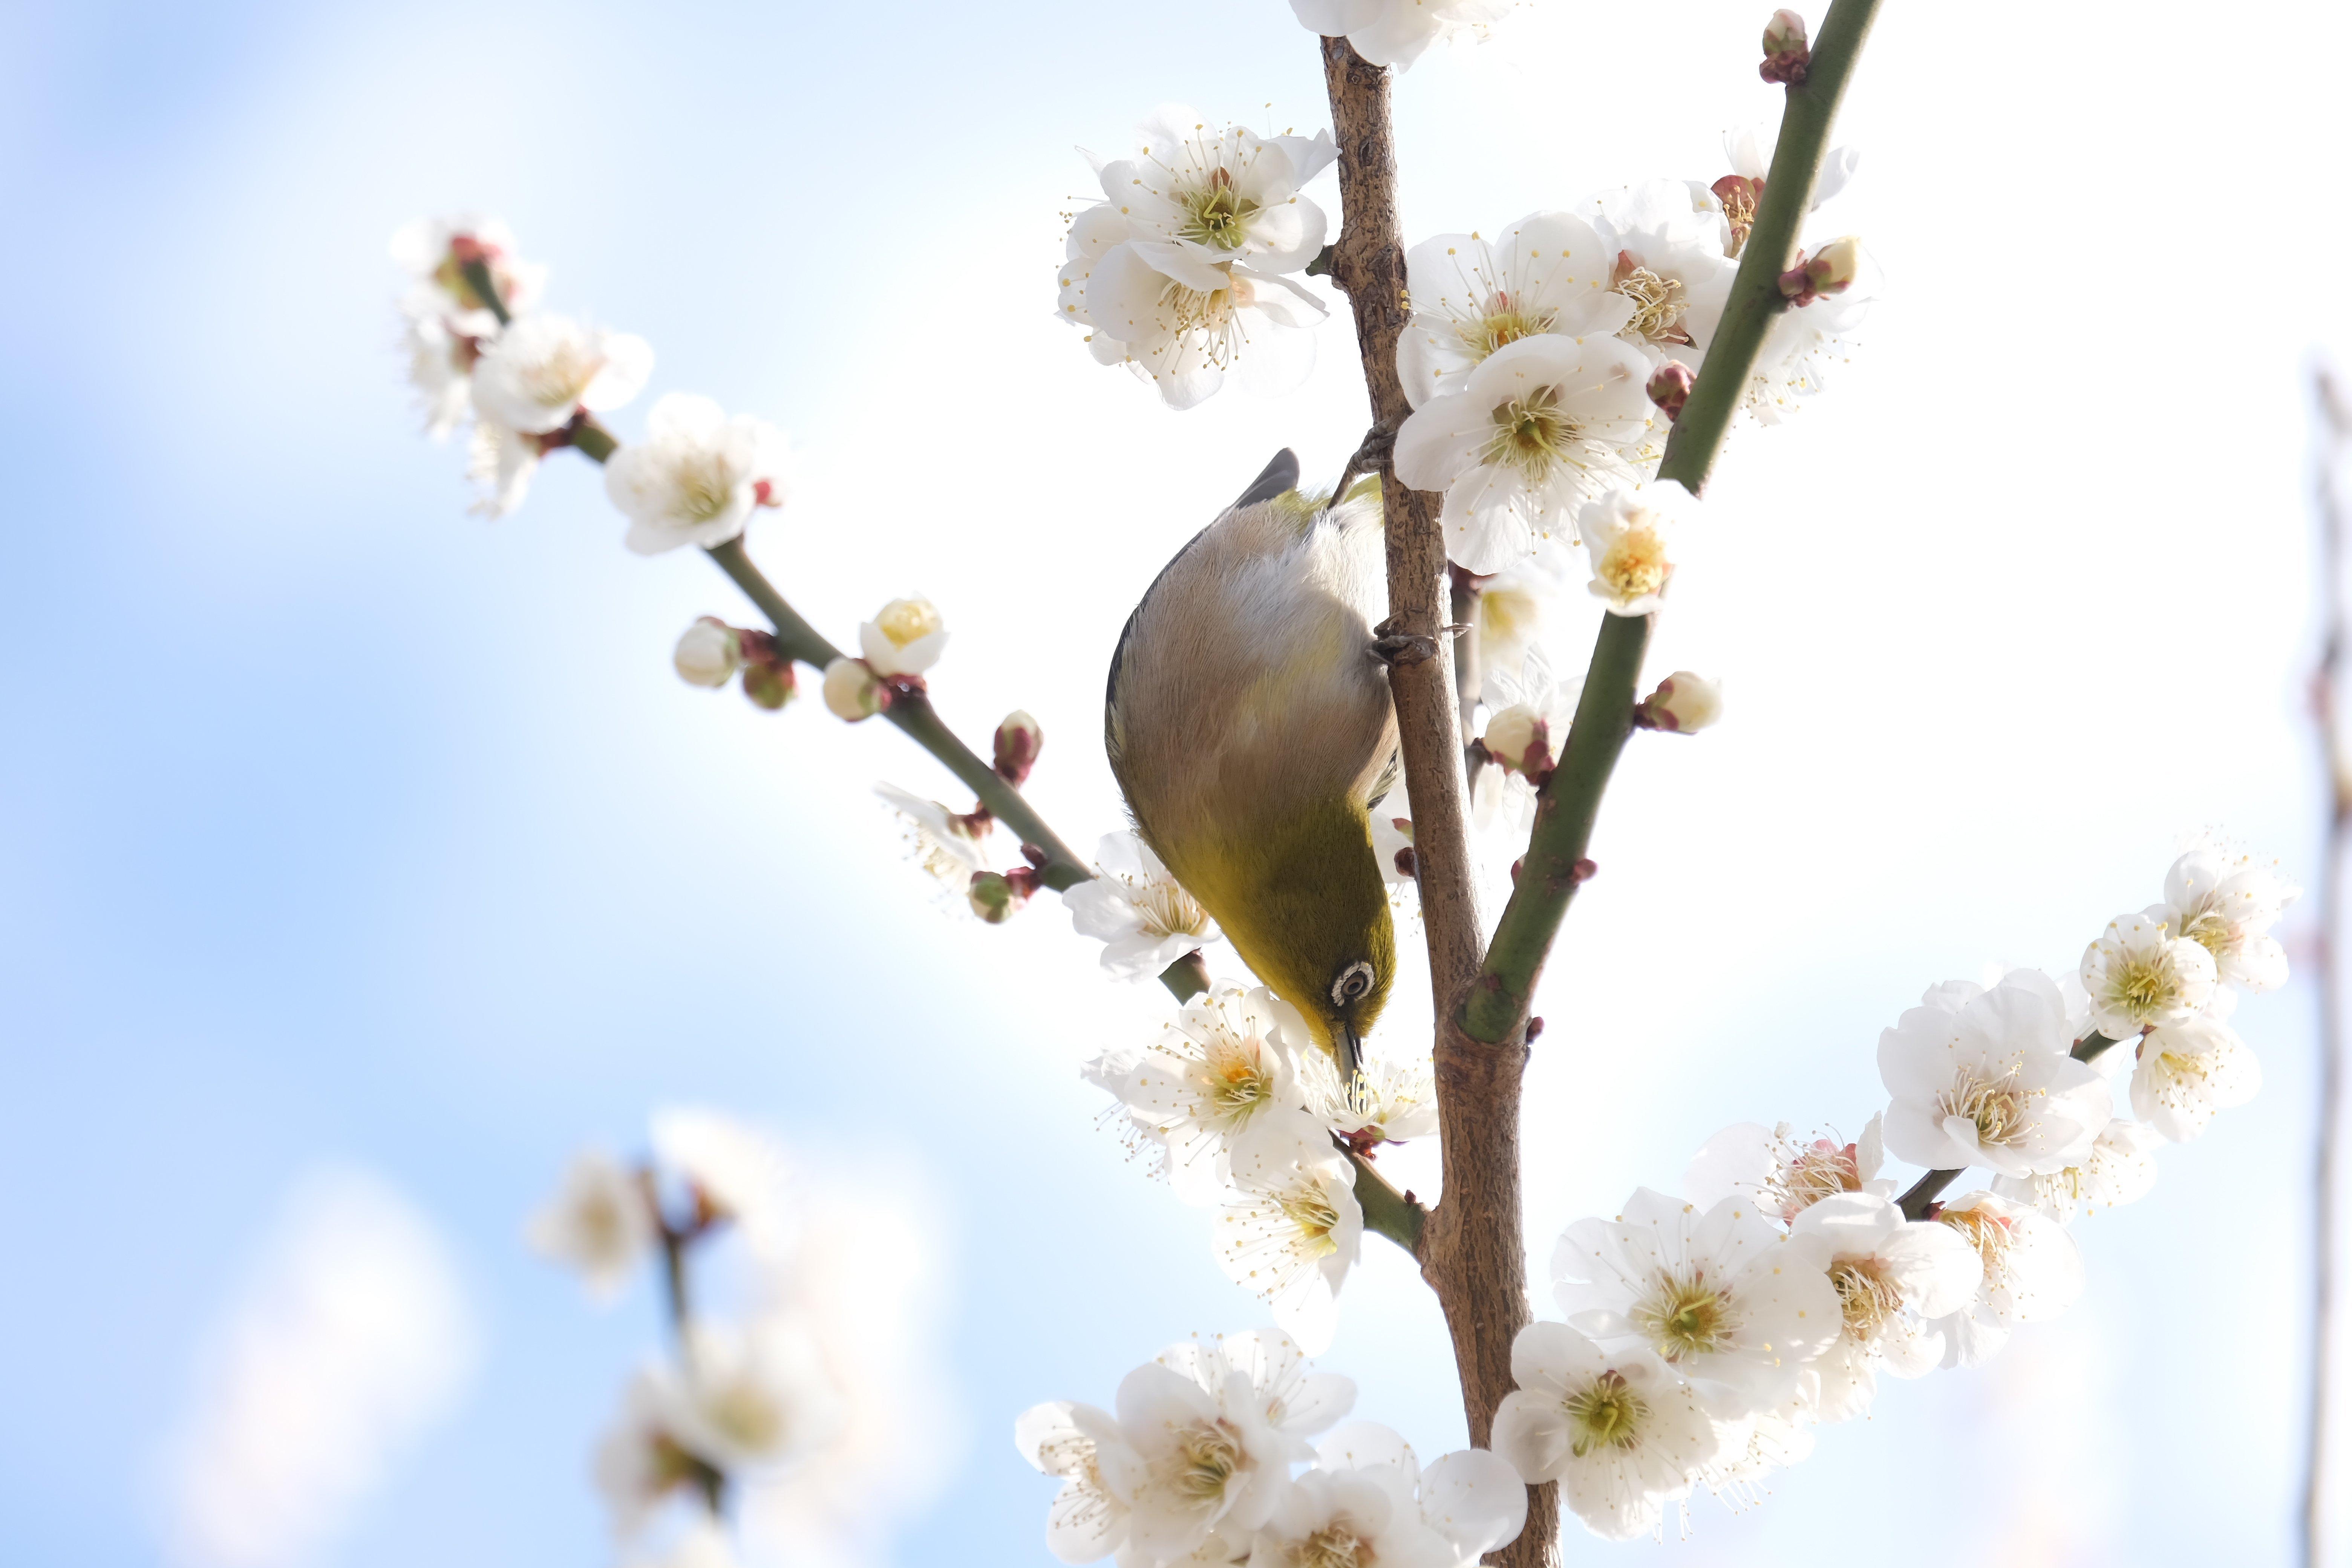 2021.02.25 和泉川 梅にメジロ 吸蜜